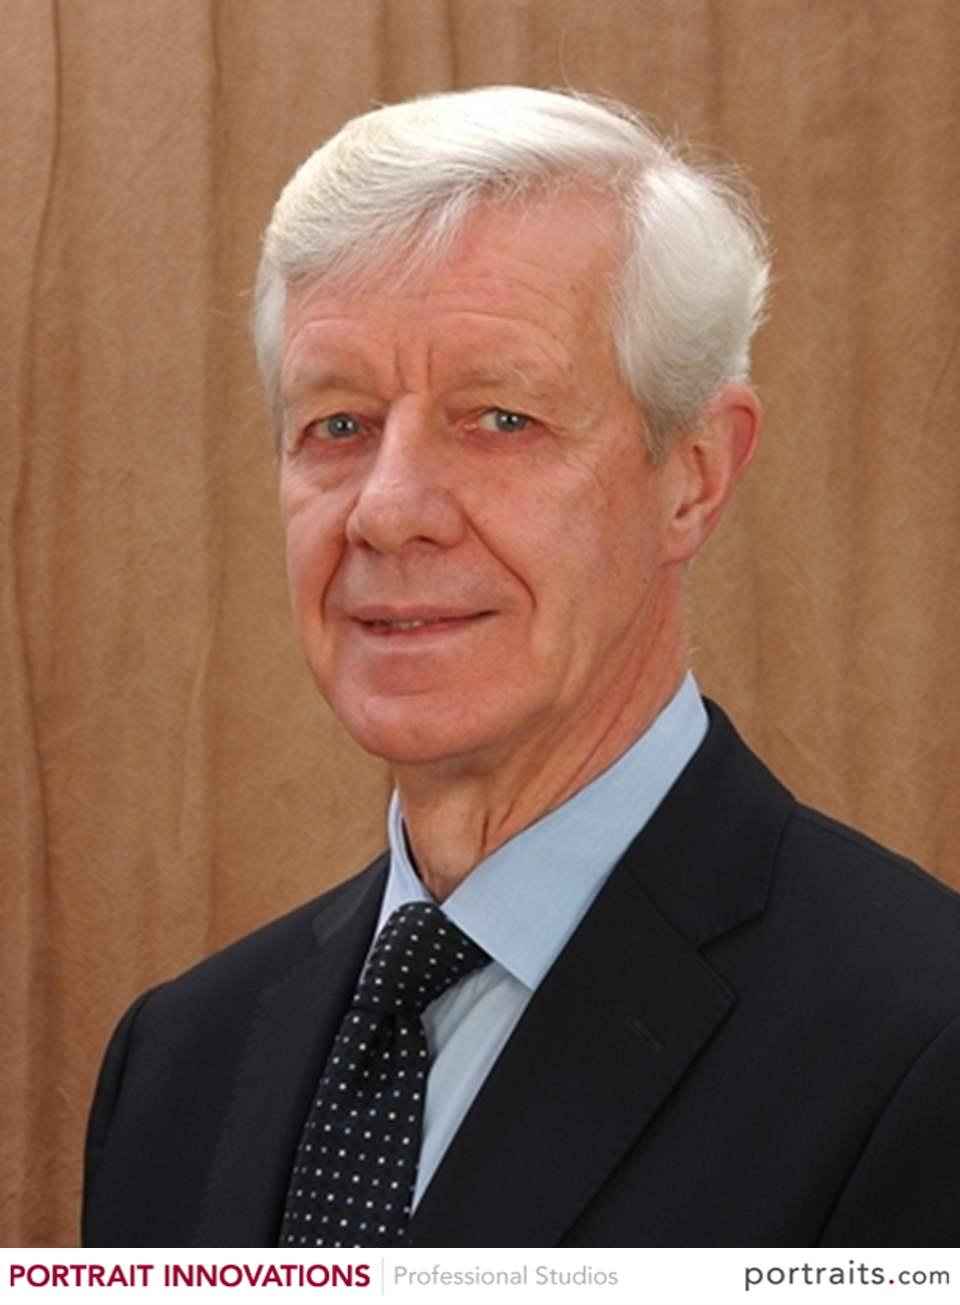 Ken Green